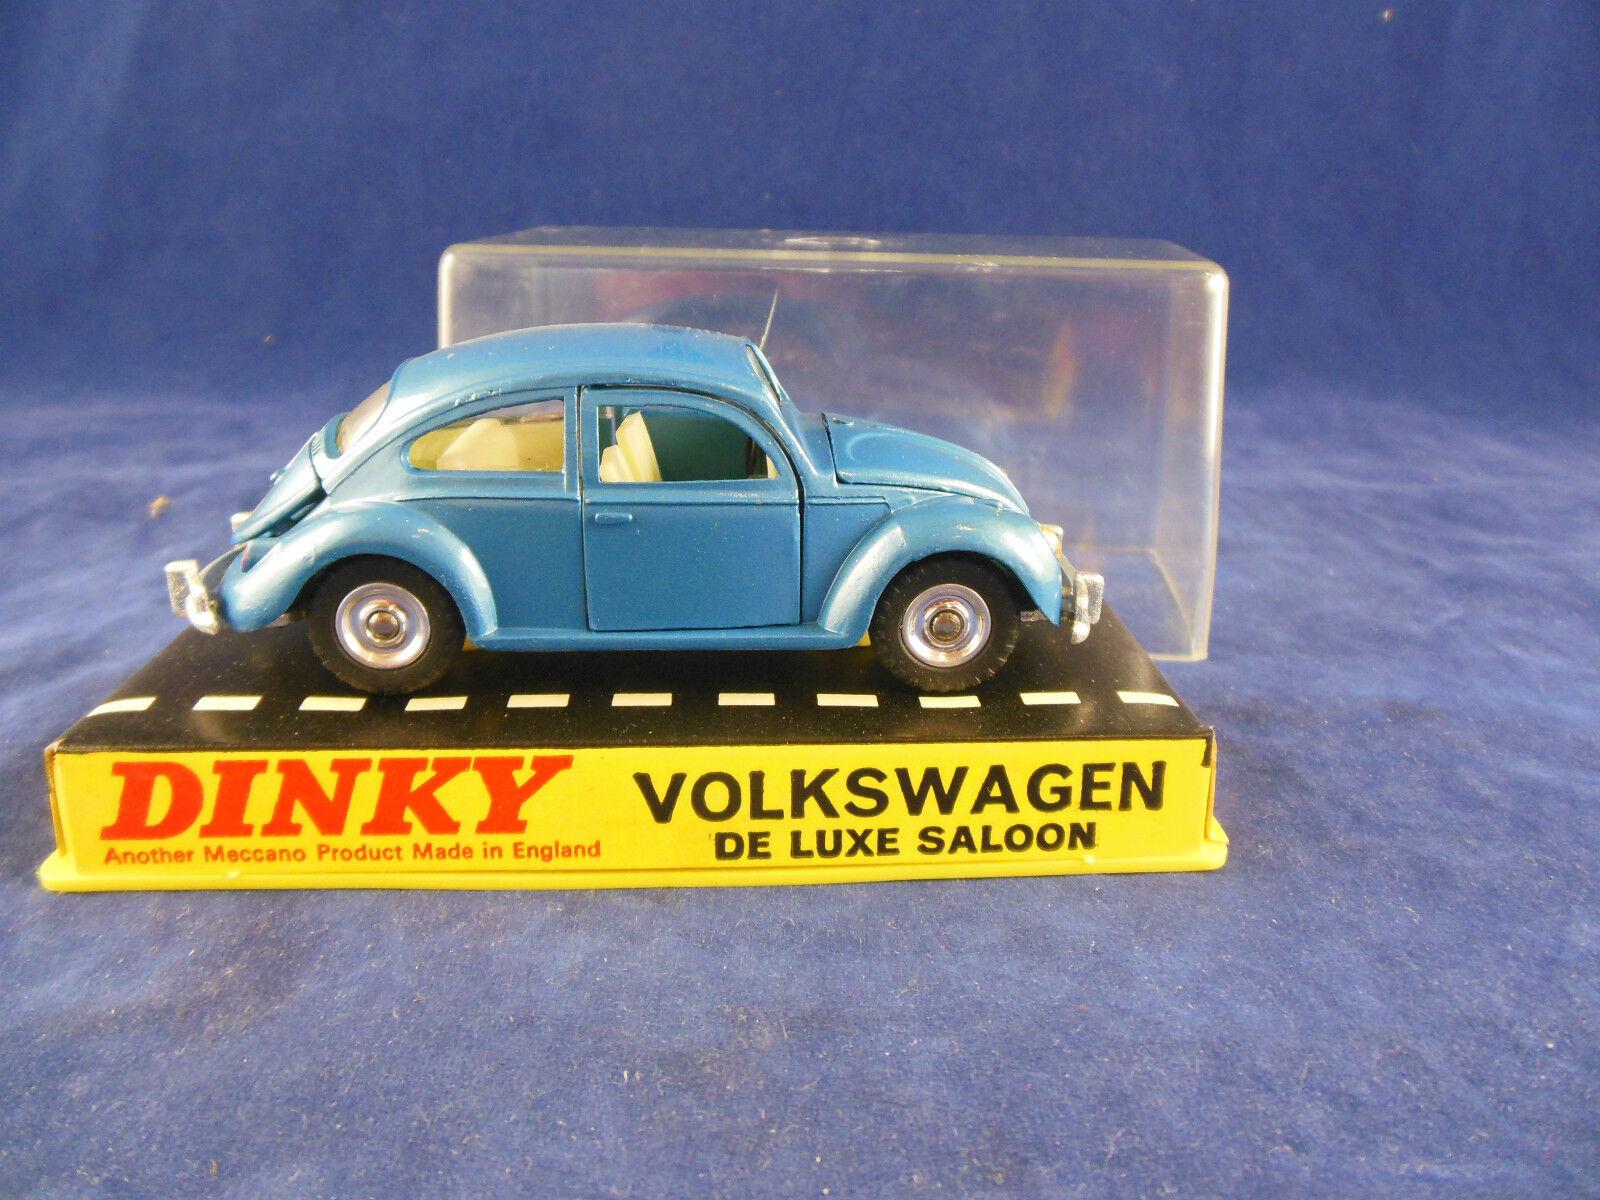 Dinky toys 129 Volkswagen Beetle De Luxe saloon in bluee original and mint